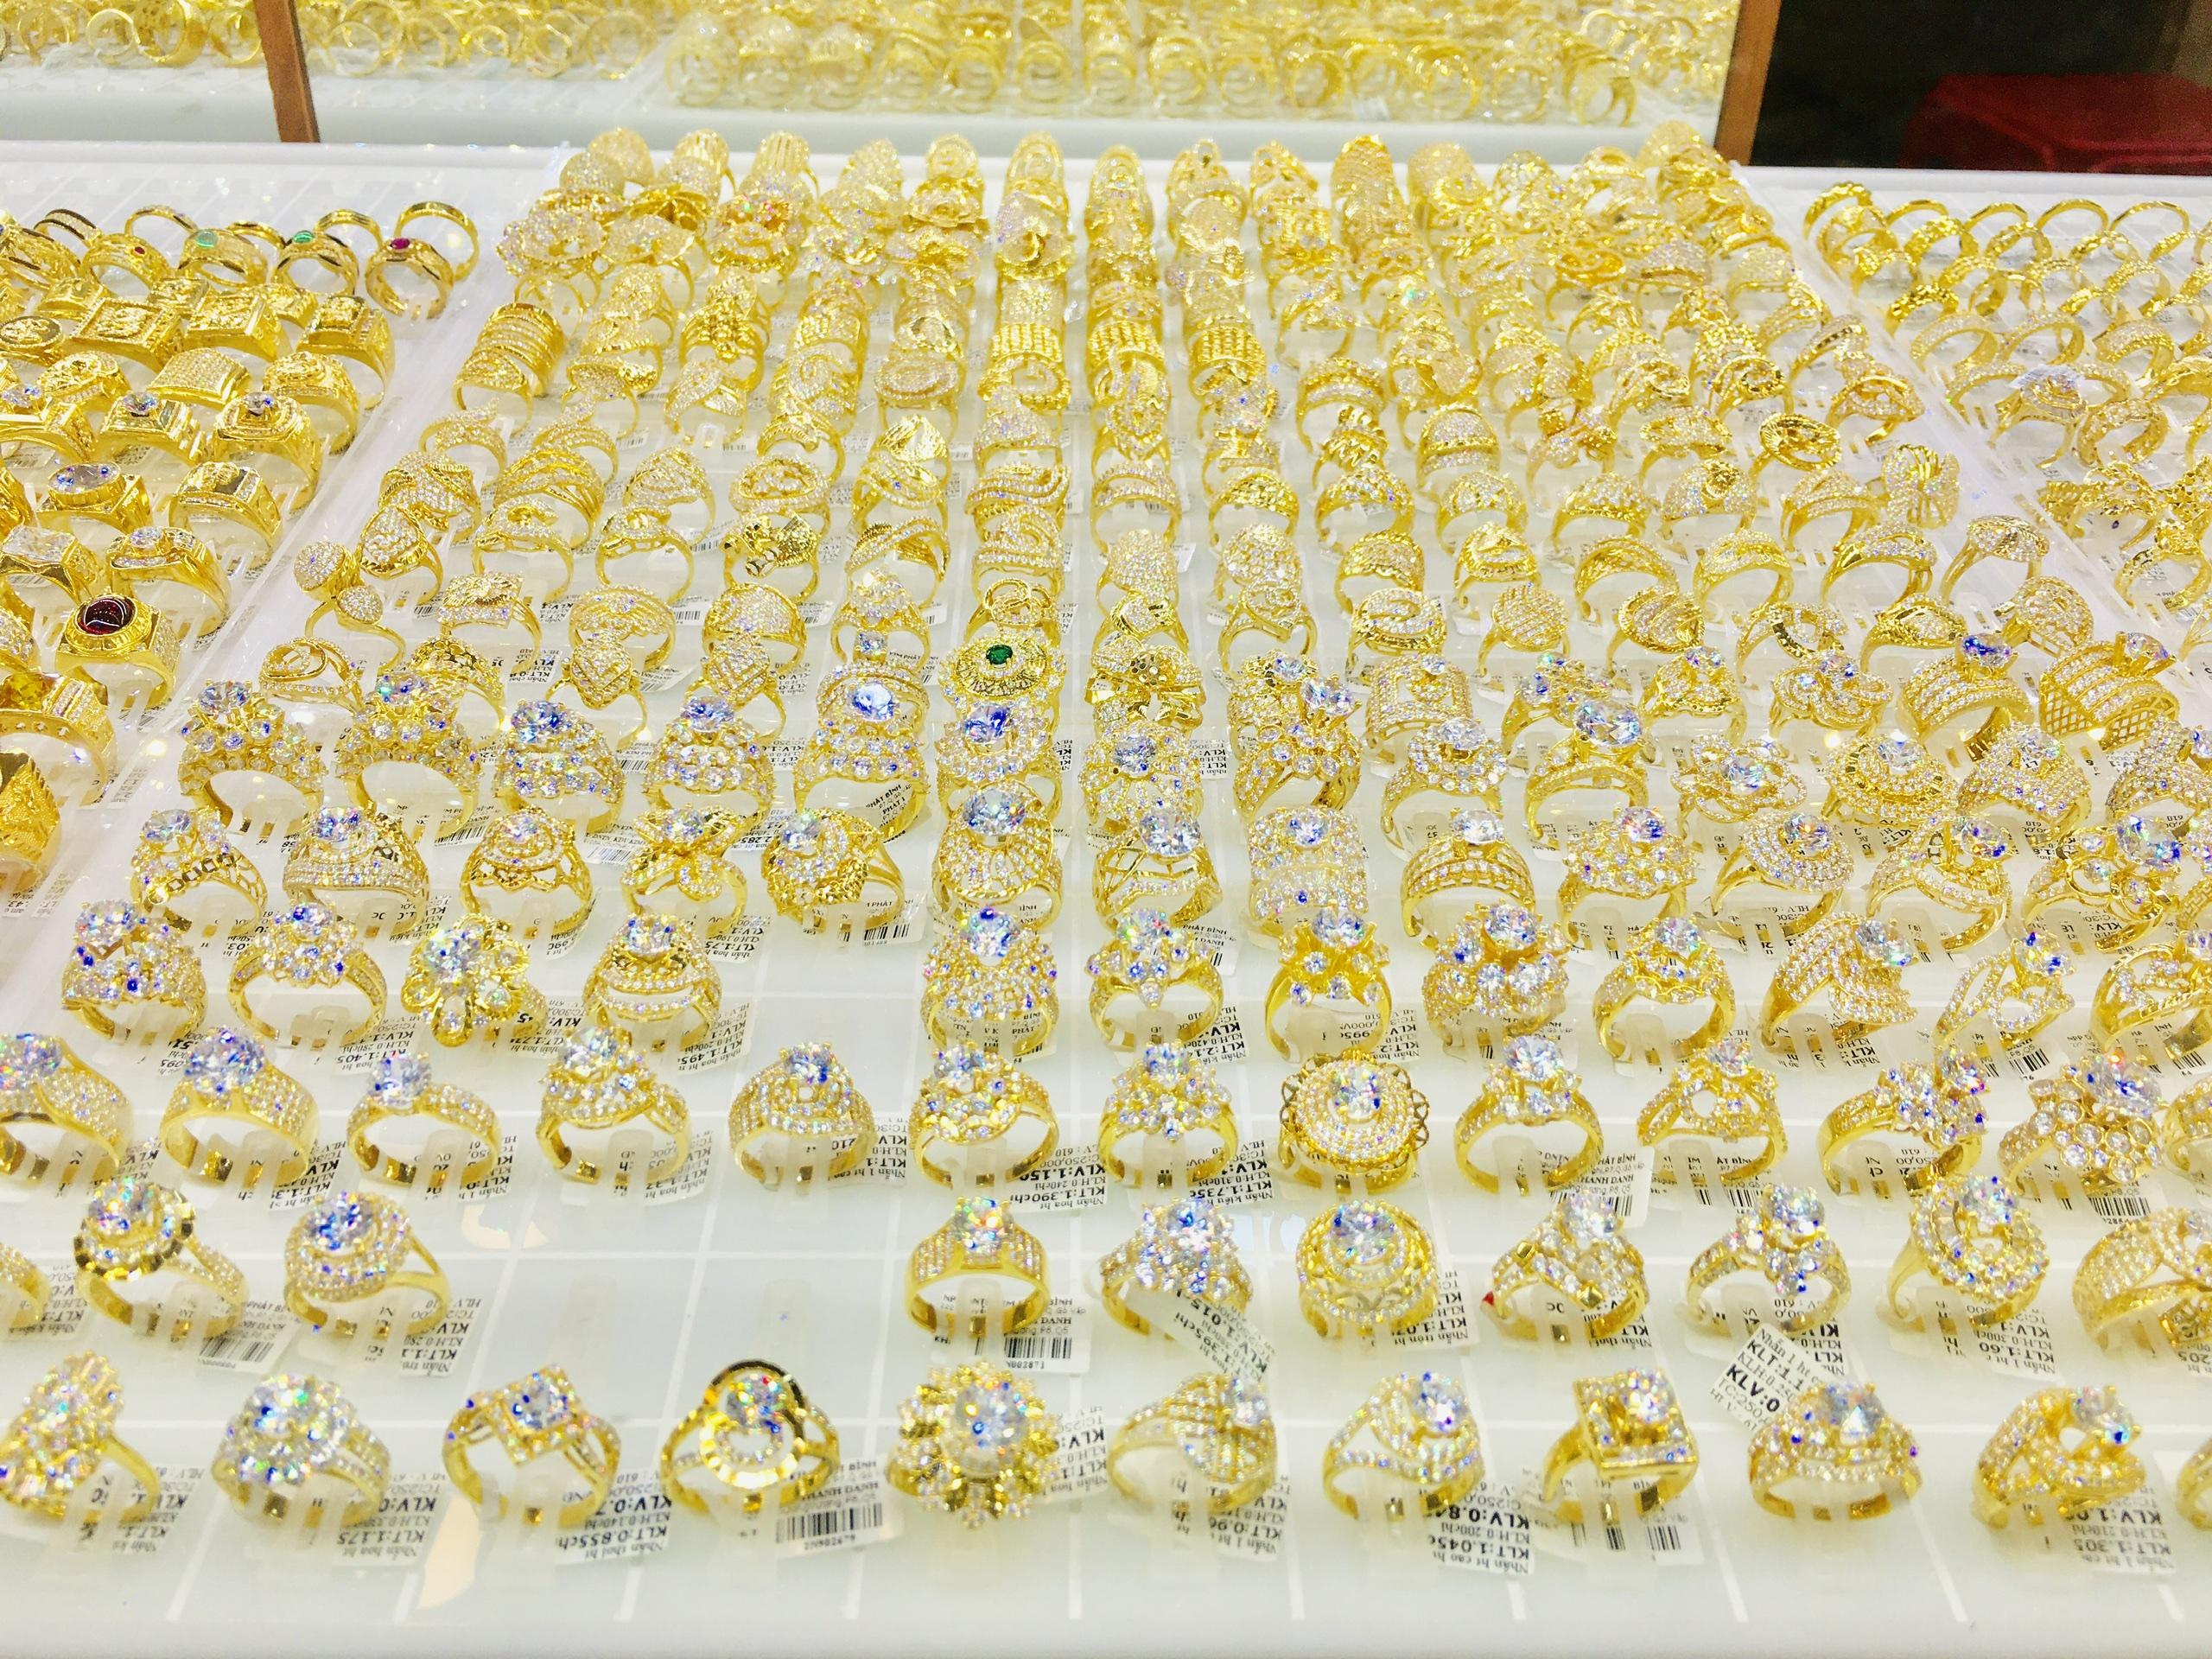 Giá vàng SJC rớt mạnh sau kì nghỉ Lễ, người mua lỗ gần 2 triệu đồng/lượng sau 2 ngày - Ảnh 1.